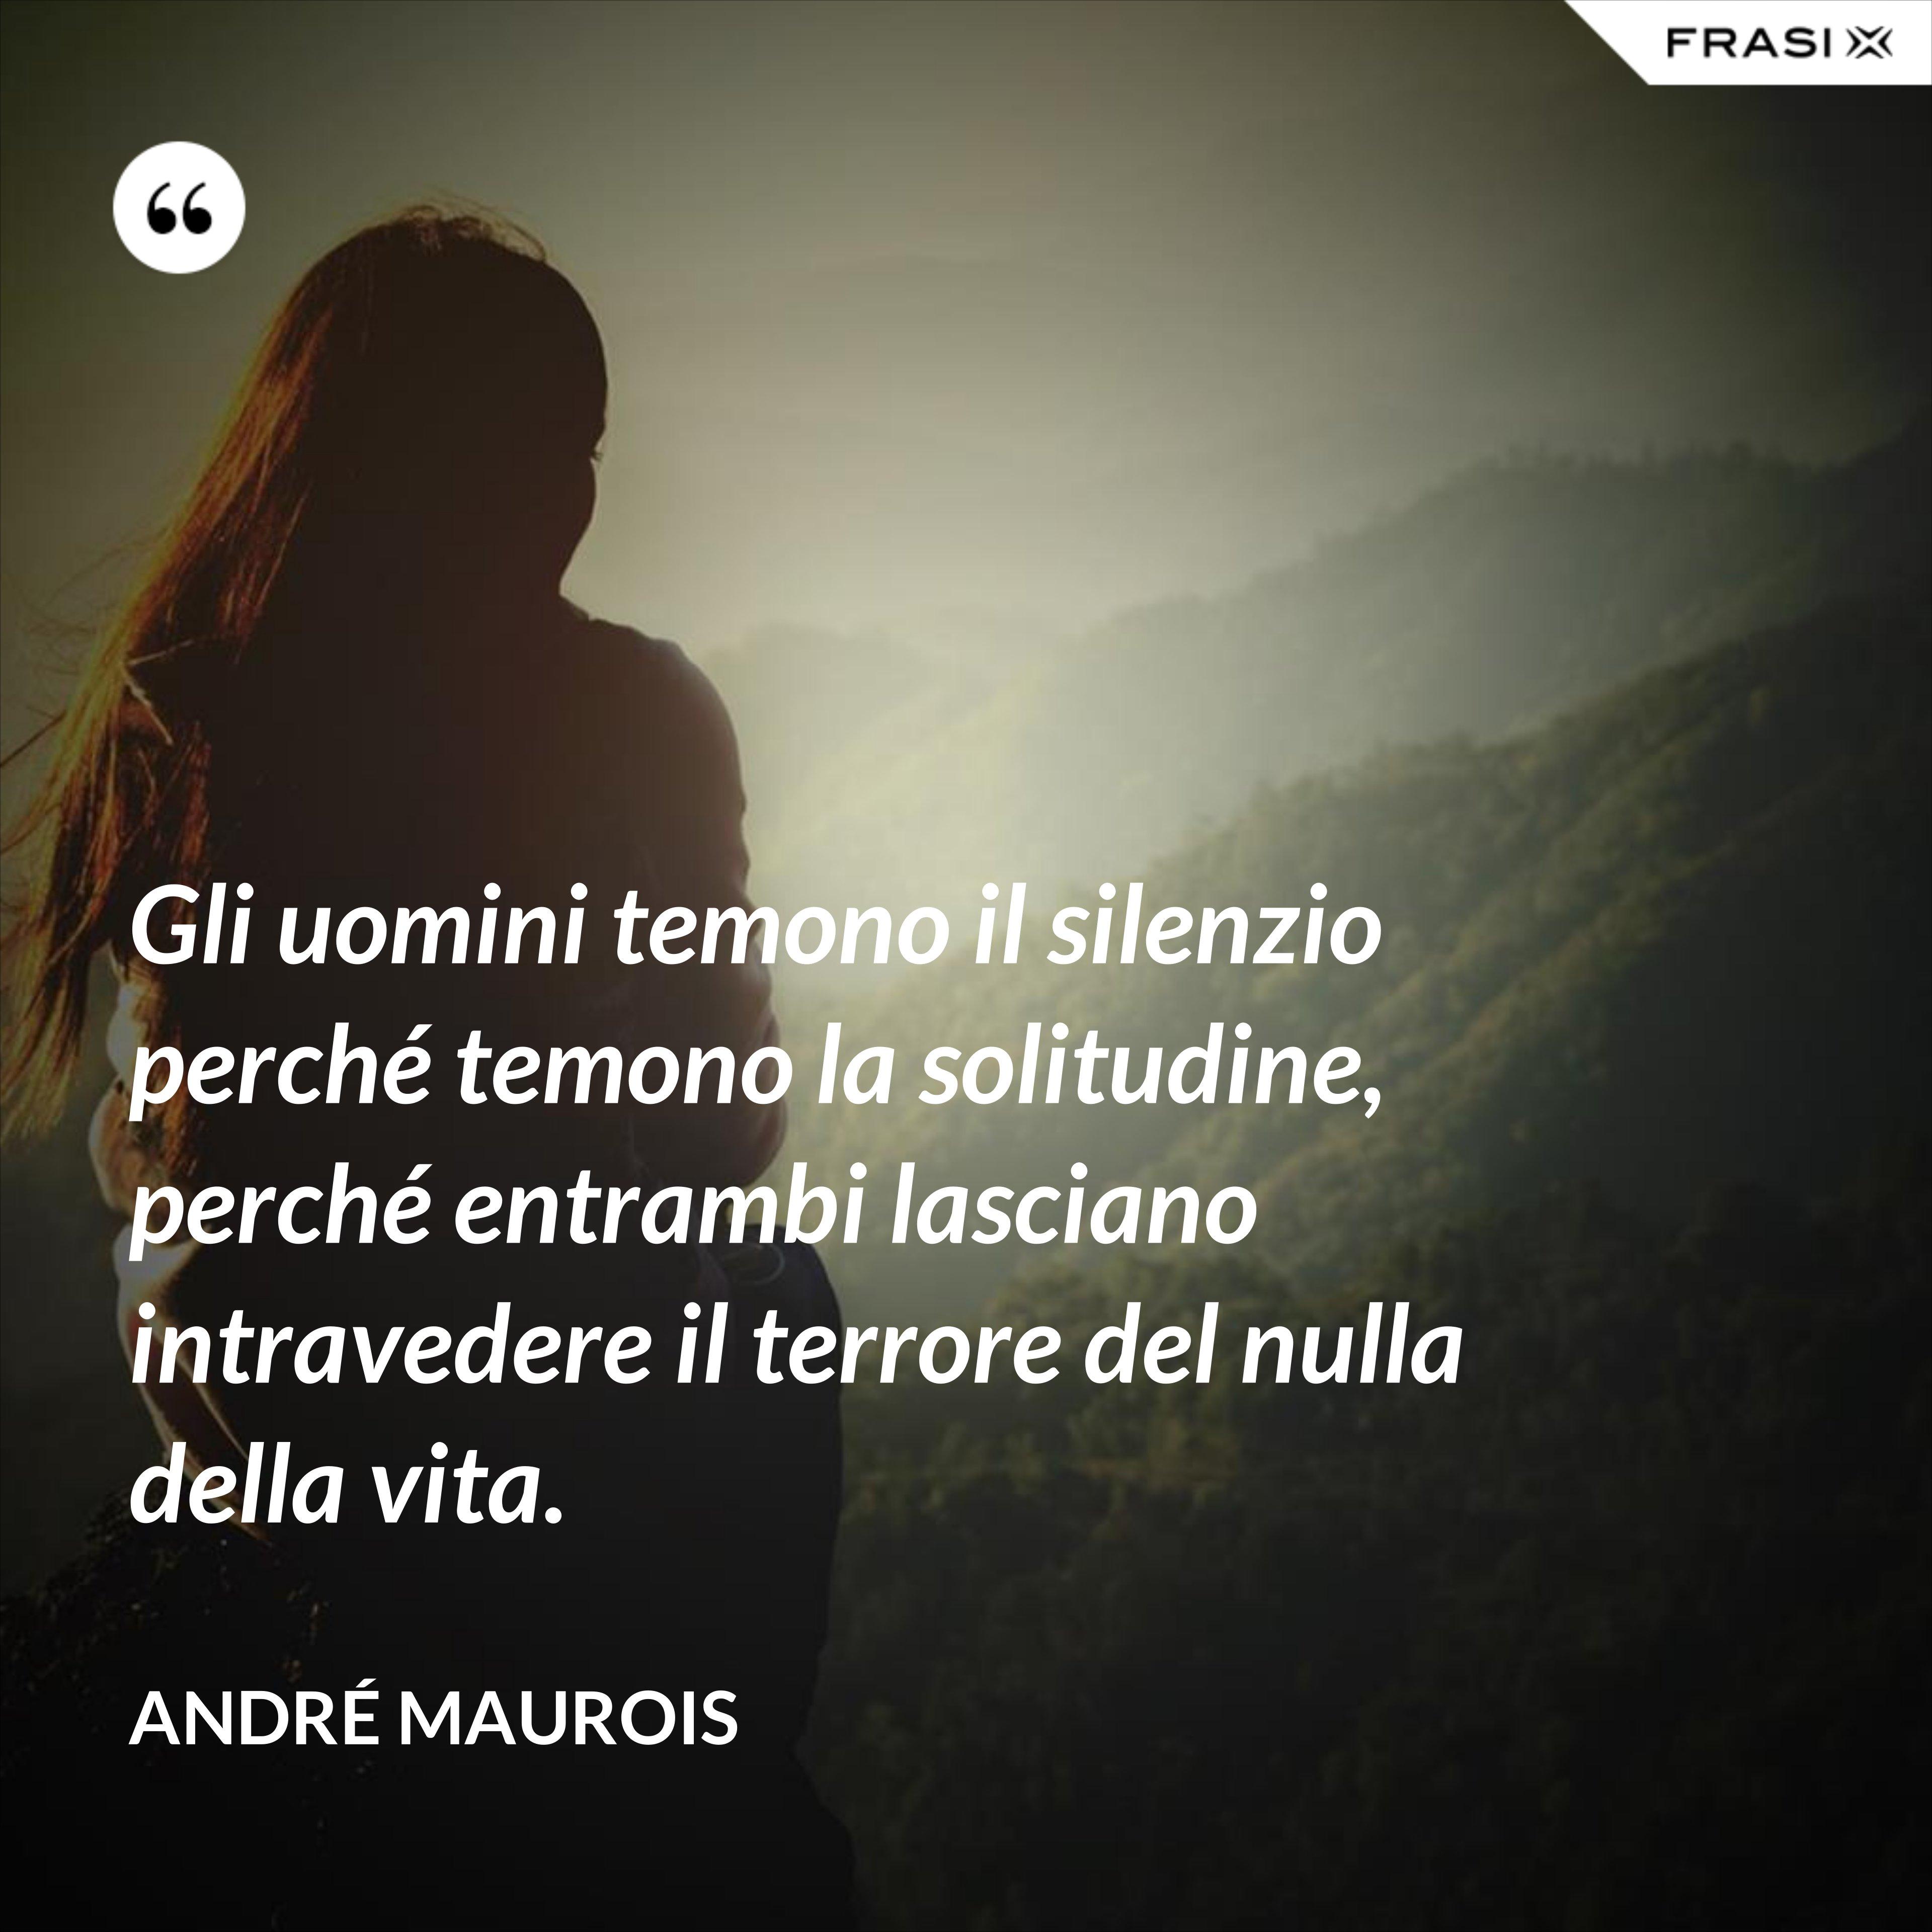 Gli uomini temono il silenzio perché temono la solitudine, perché entrambi lasciano intravedere il terrore del nulla della vita. - André Maurois